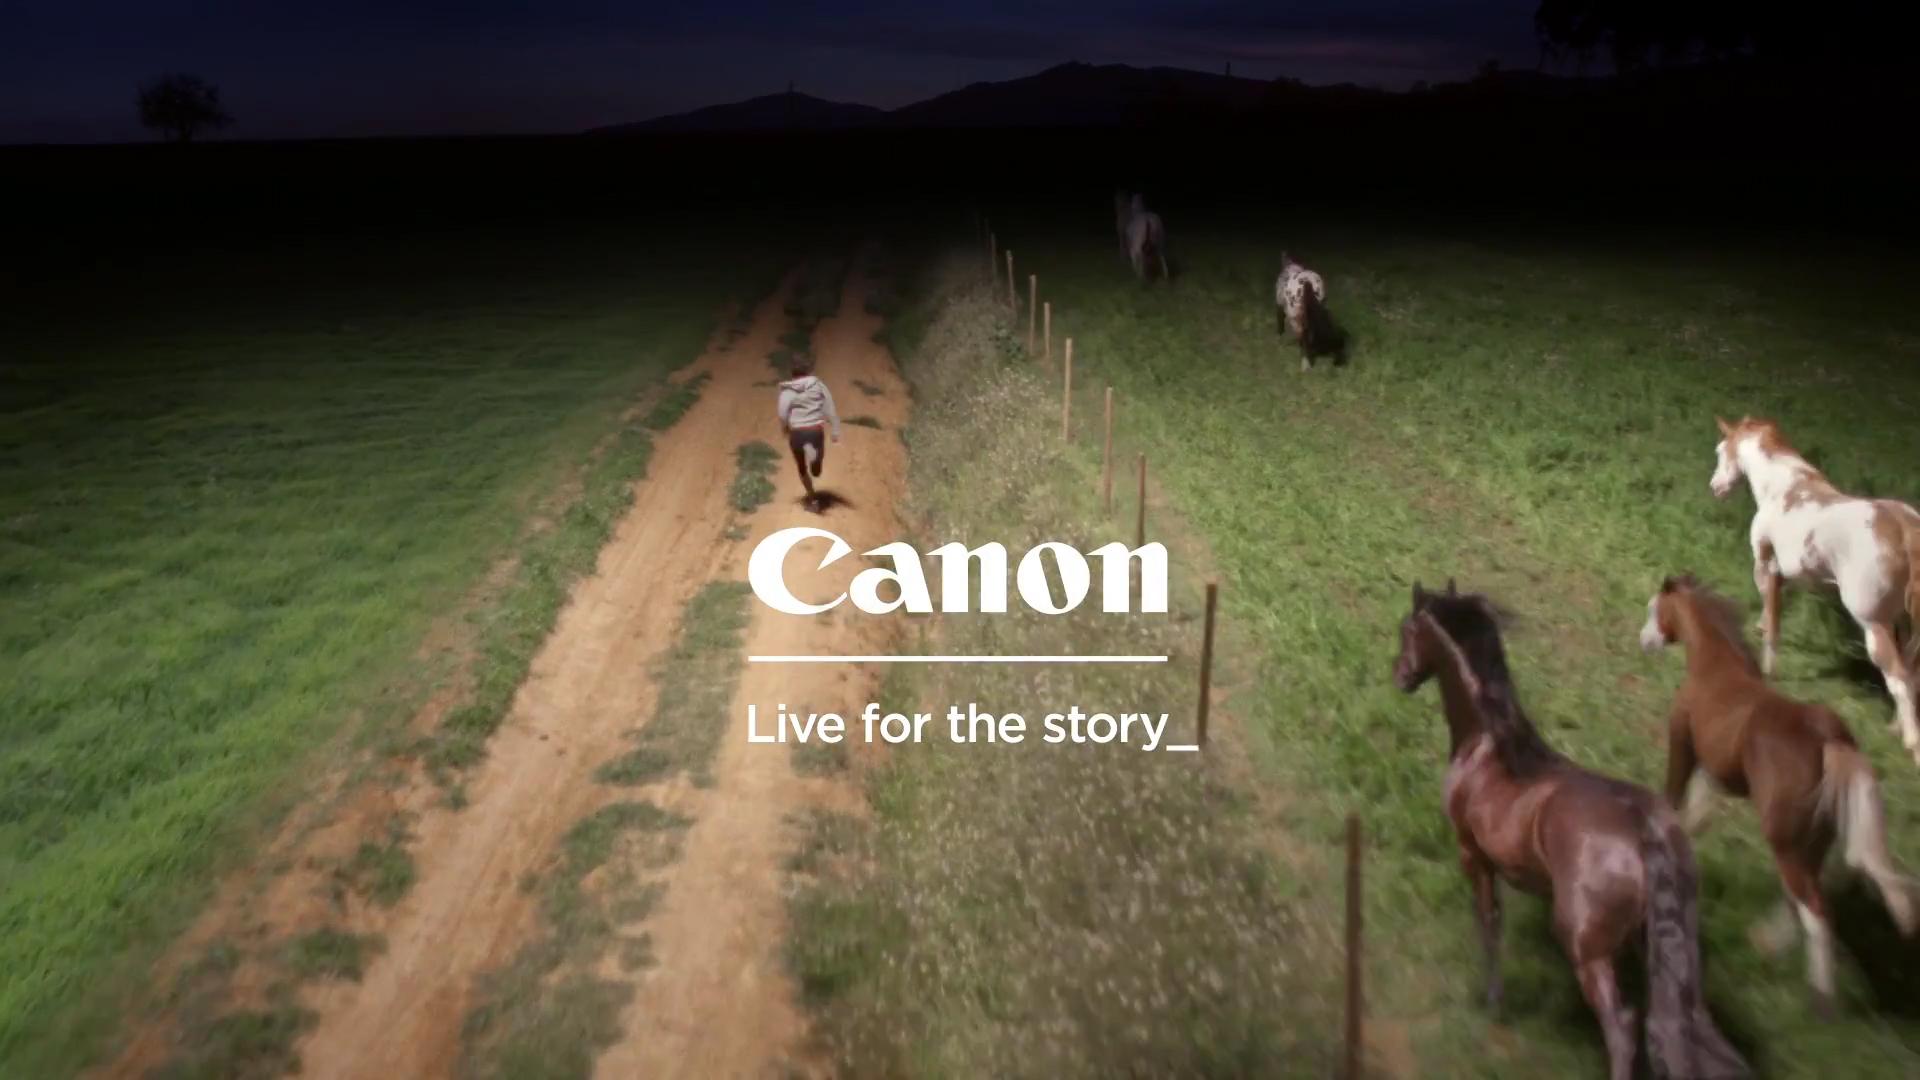 """Képtalálat a következőre: """"canon """"Live for the story"""""""""""